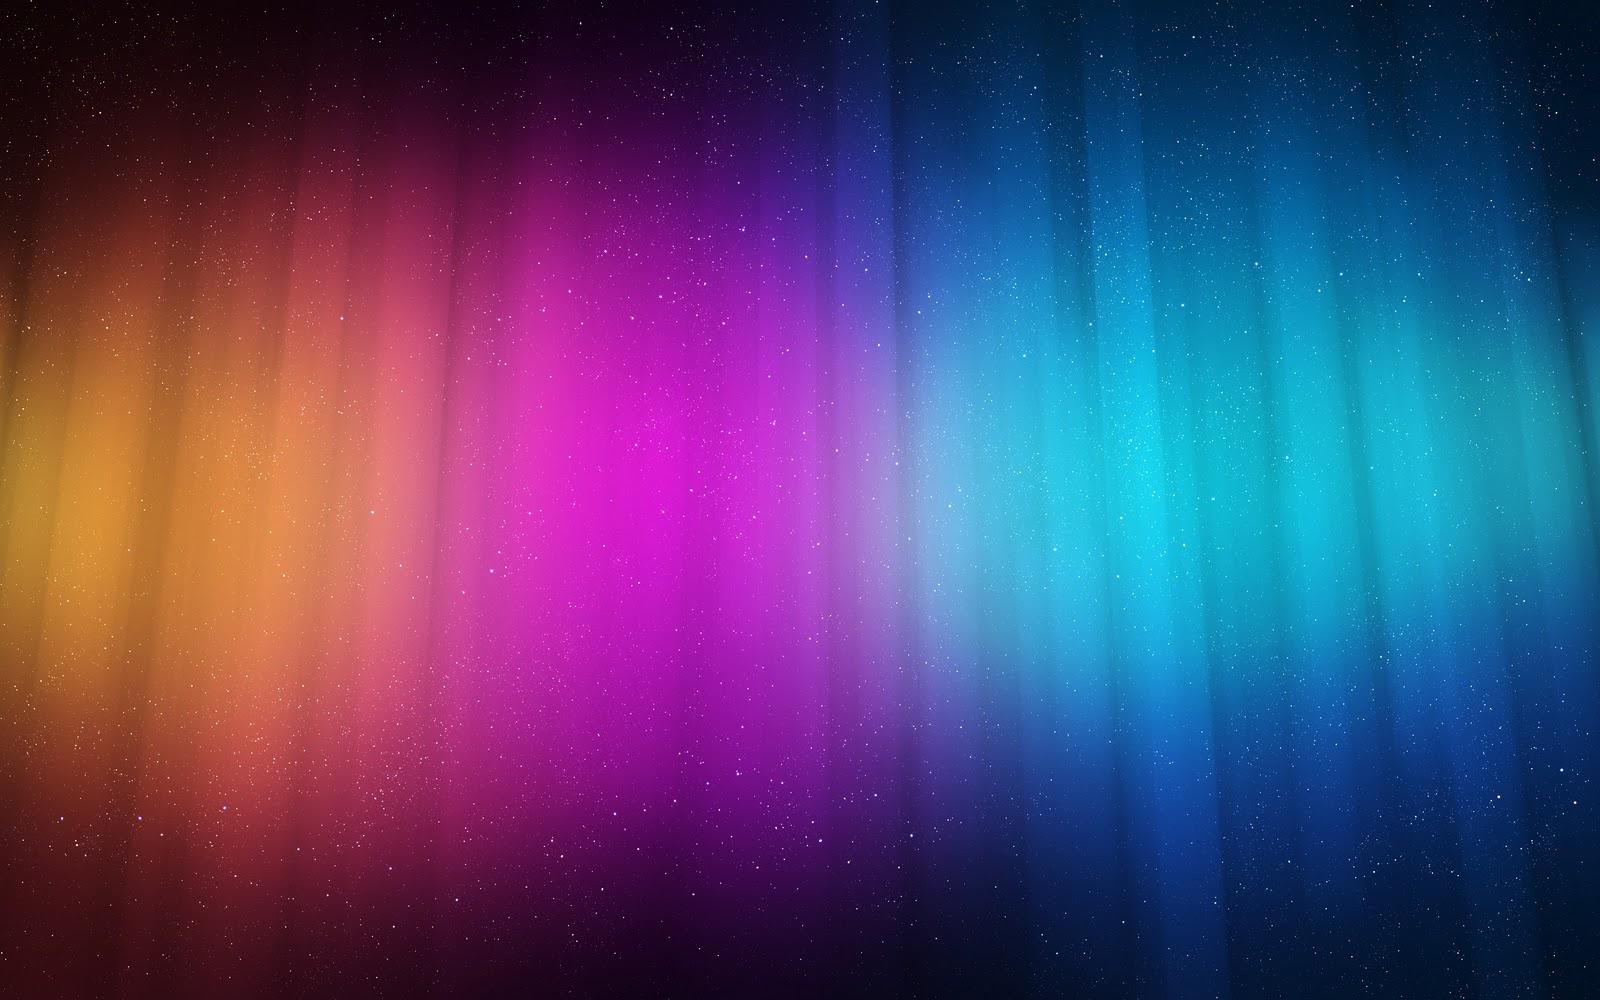 http://3.bp.blogspot.com/-ON2T63BHCGY/Tpavep_pp7I/AAAAAAAAB_E/PLcziW2tMe4/s1600/aurora-y.jpg